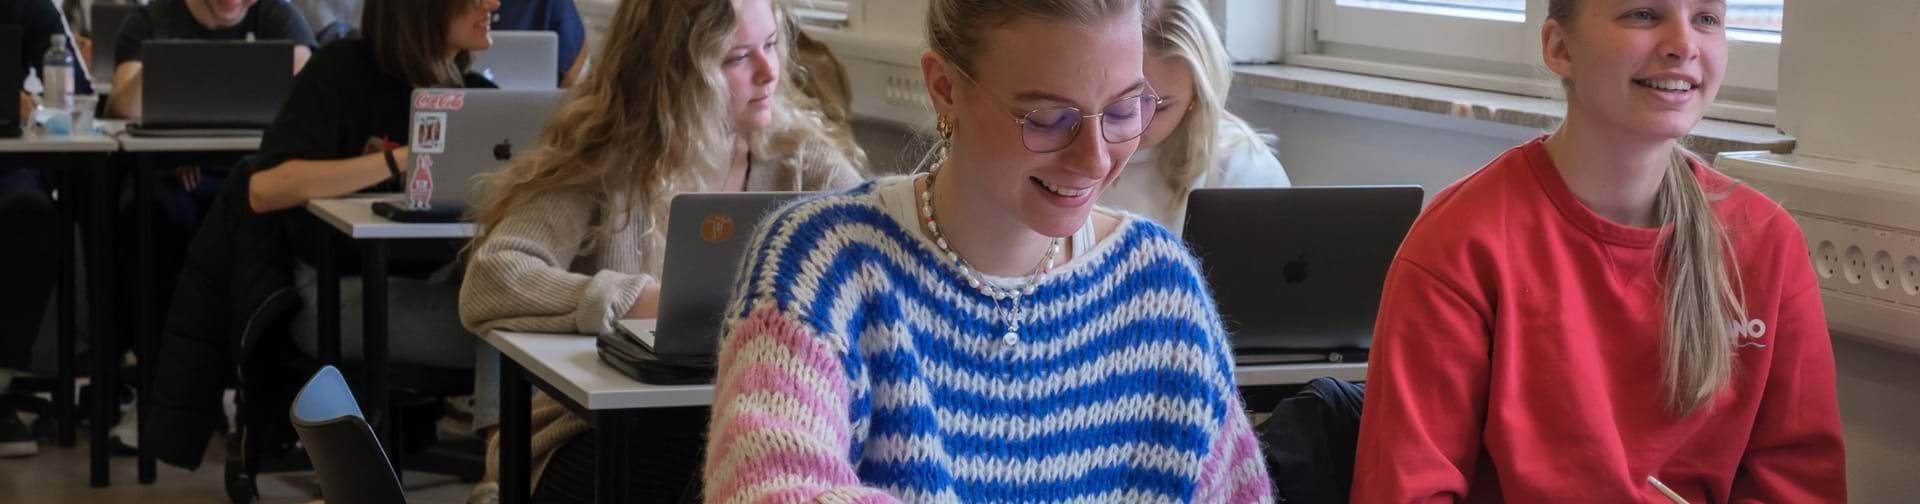 Elever i klasselokalet